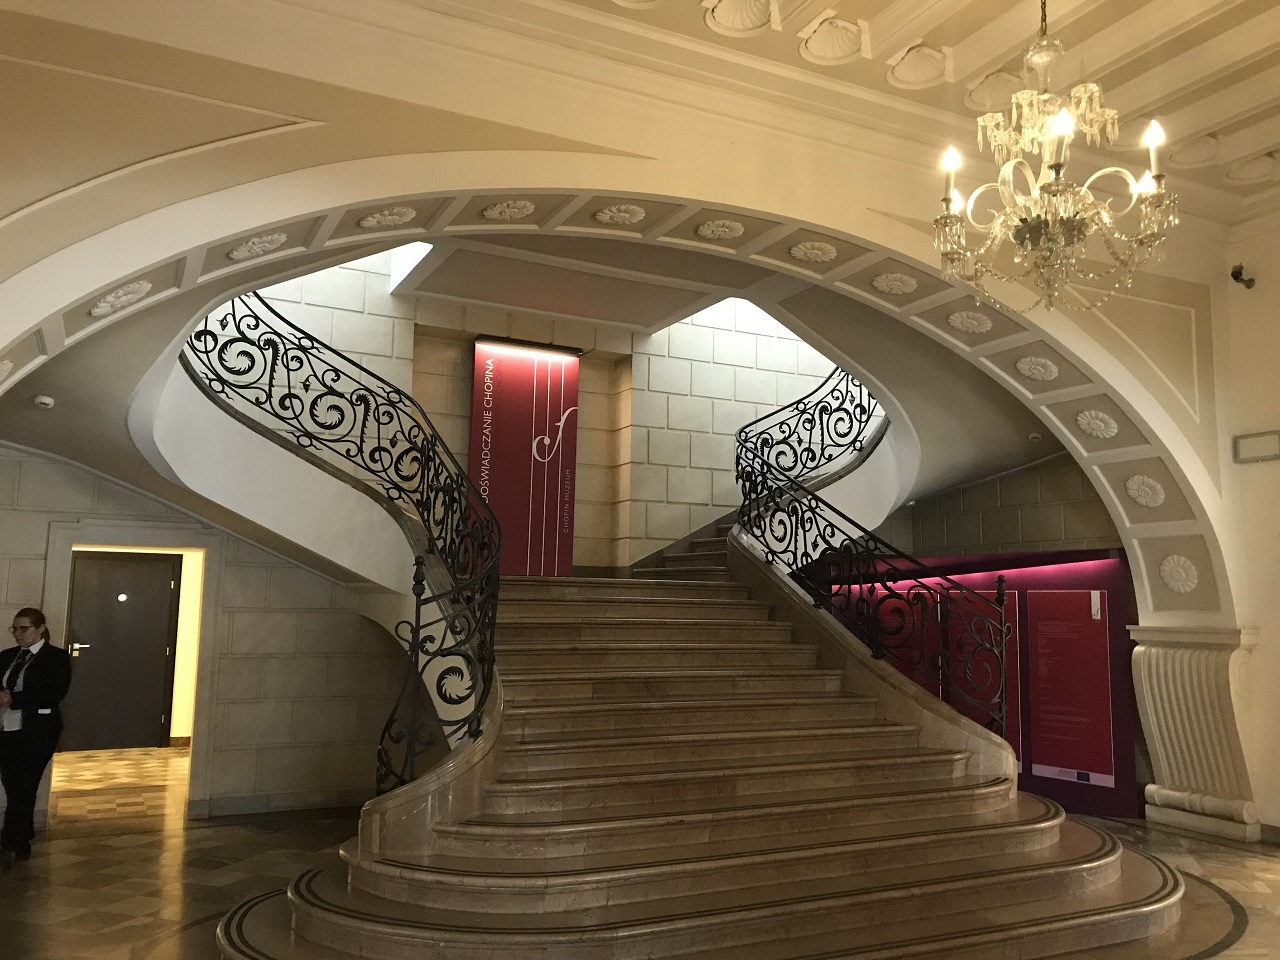 ショパン博物館エントランスホール